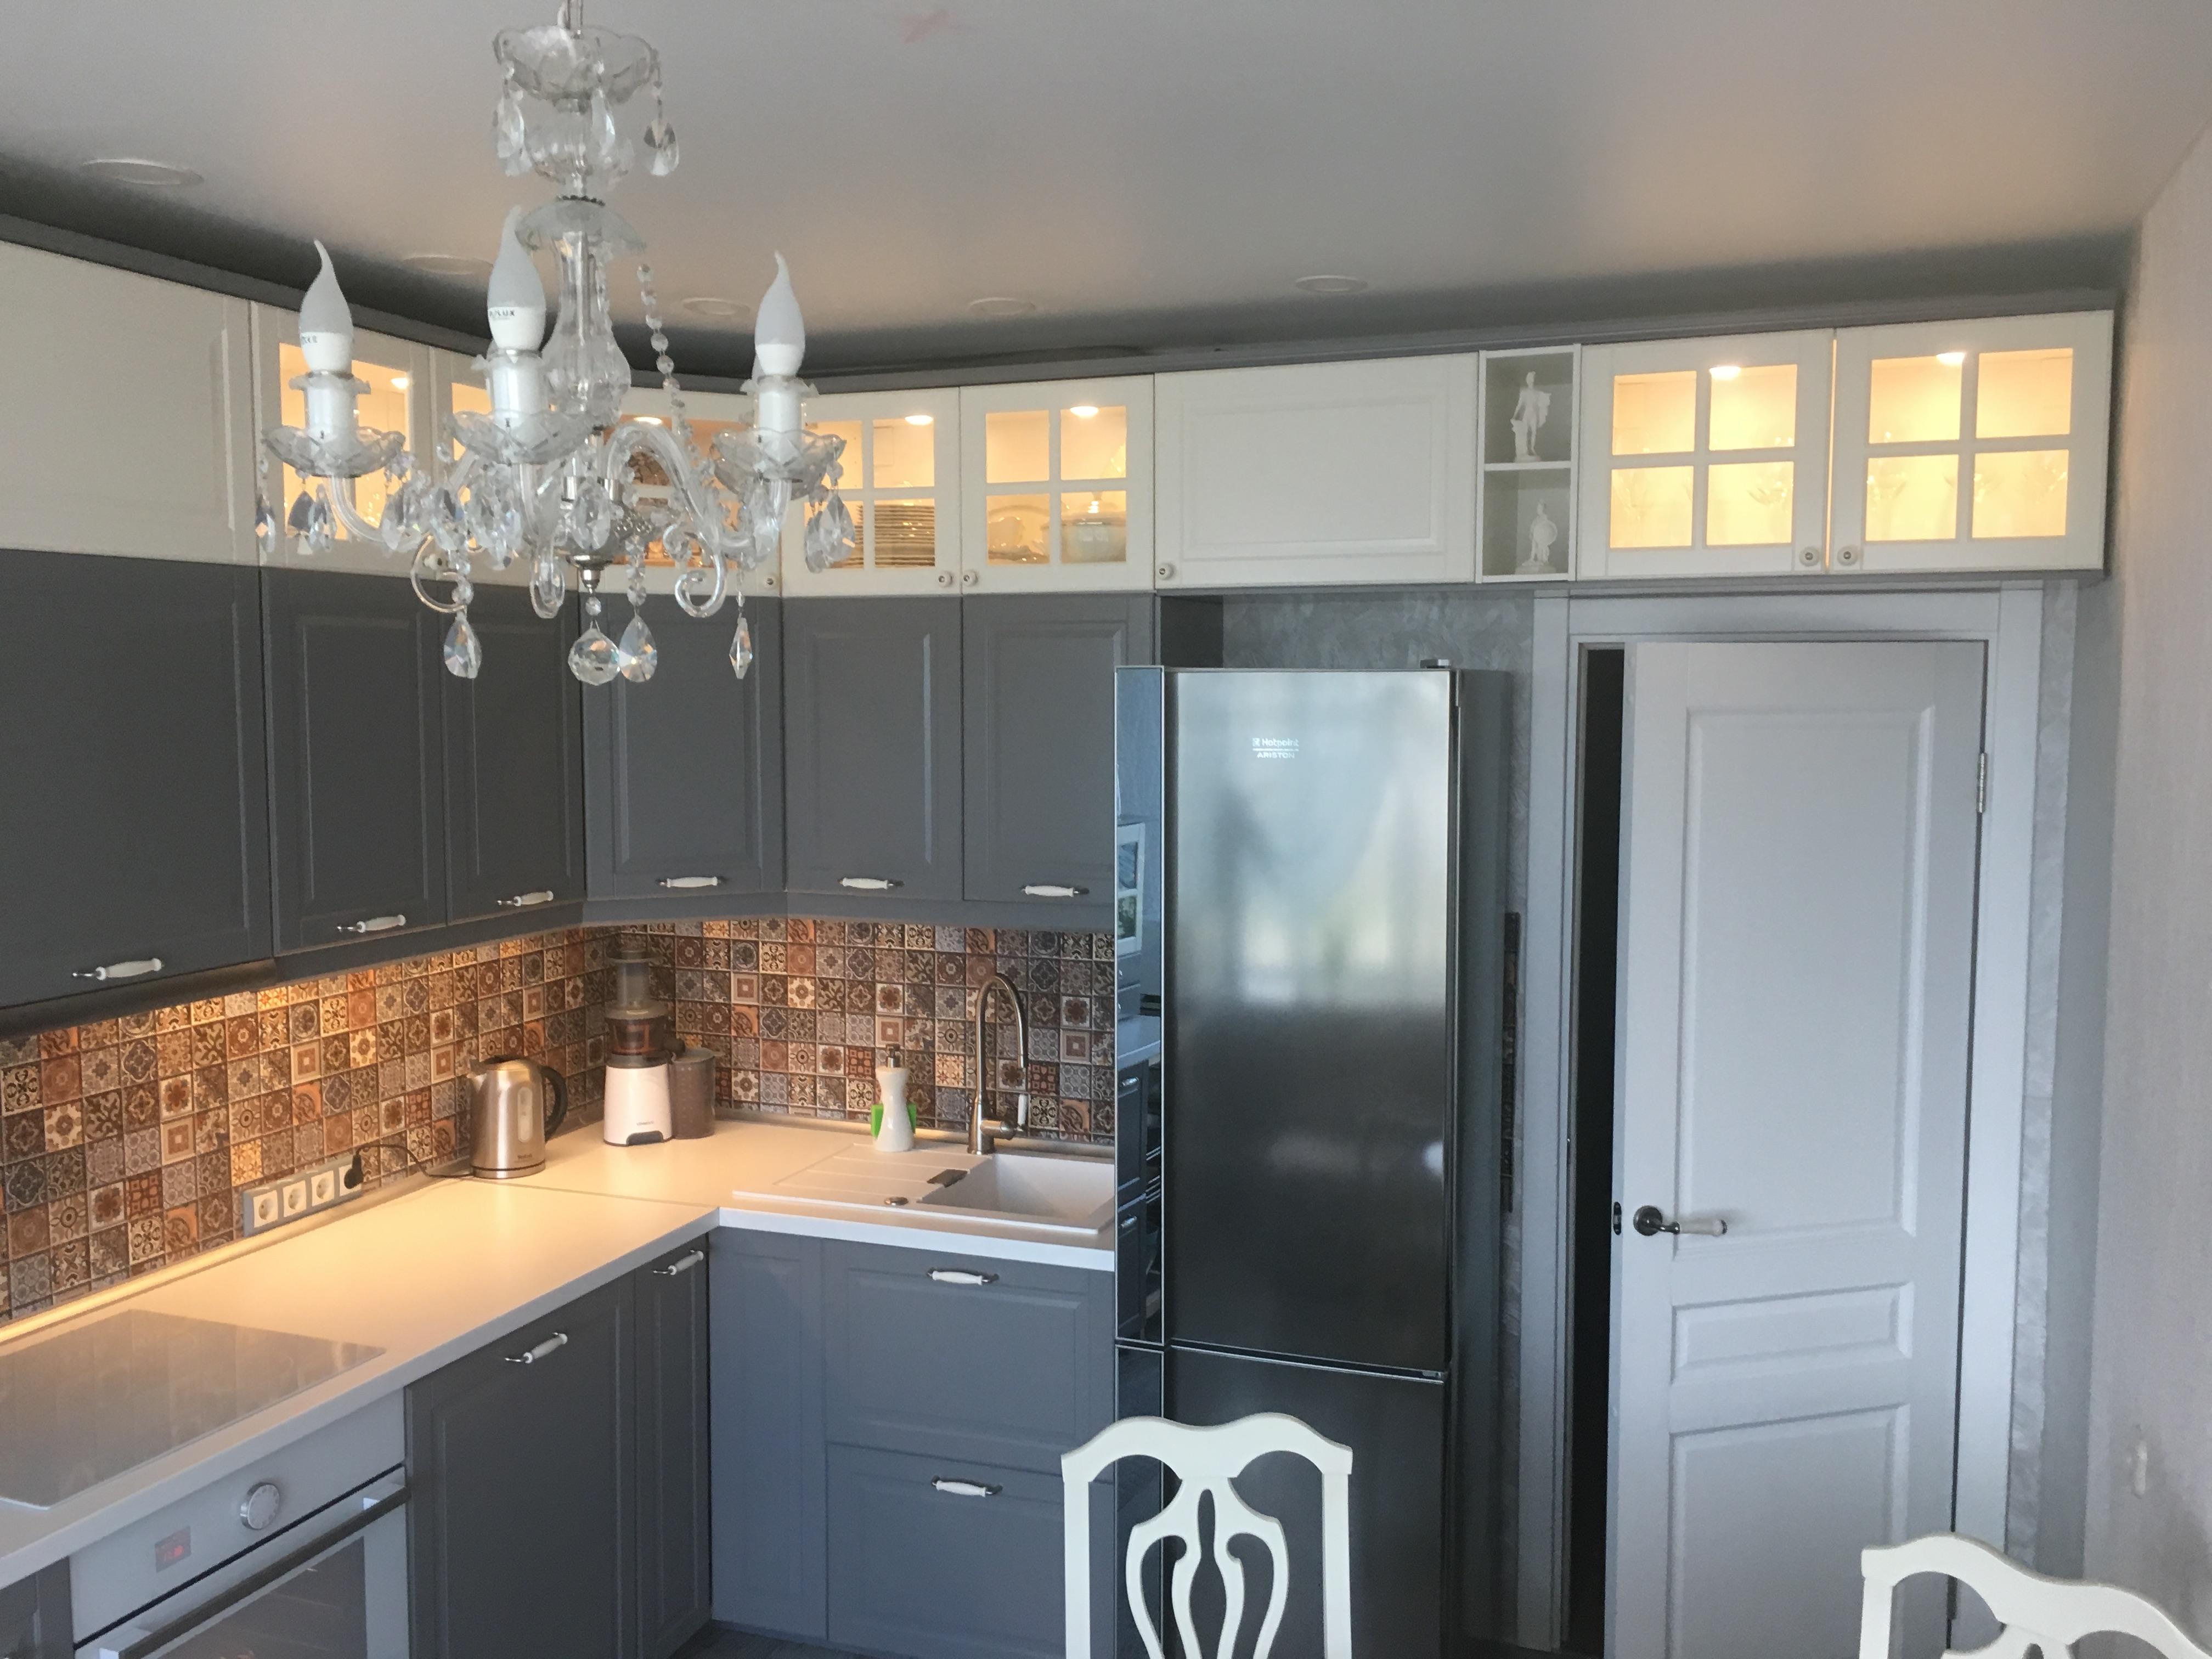 неврологическое моя кухня фотоотчет способом украшают